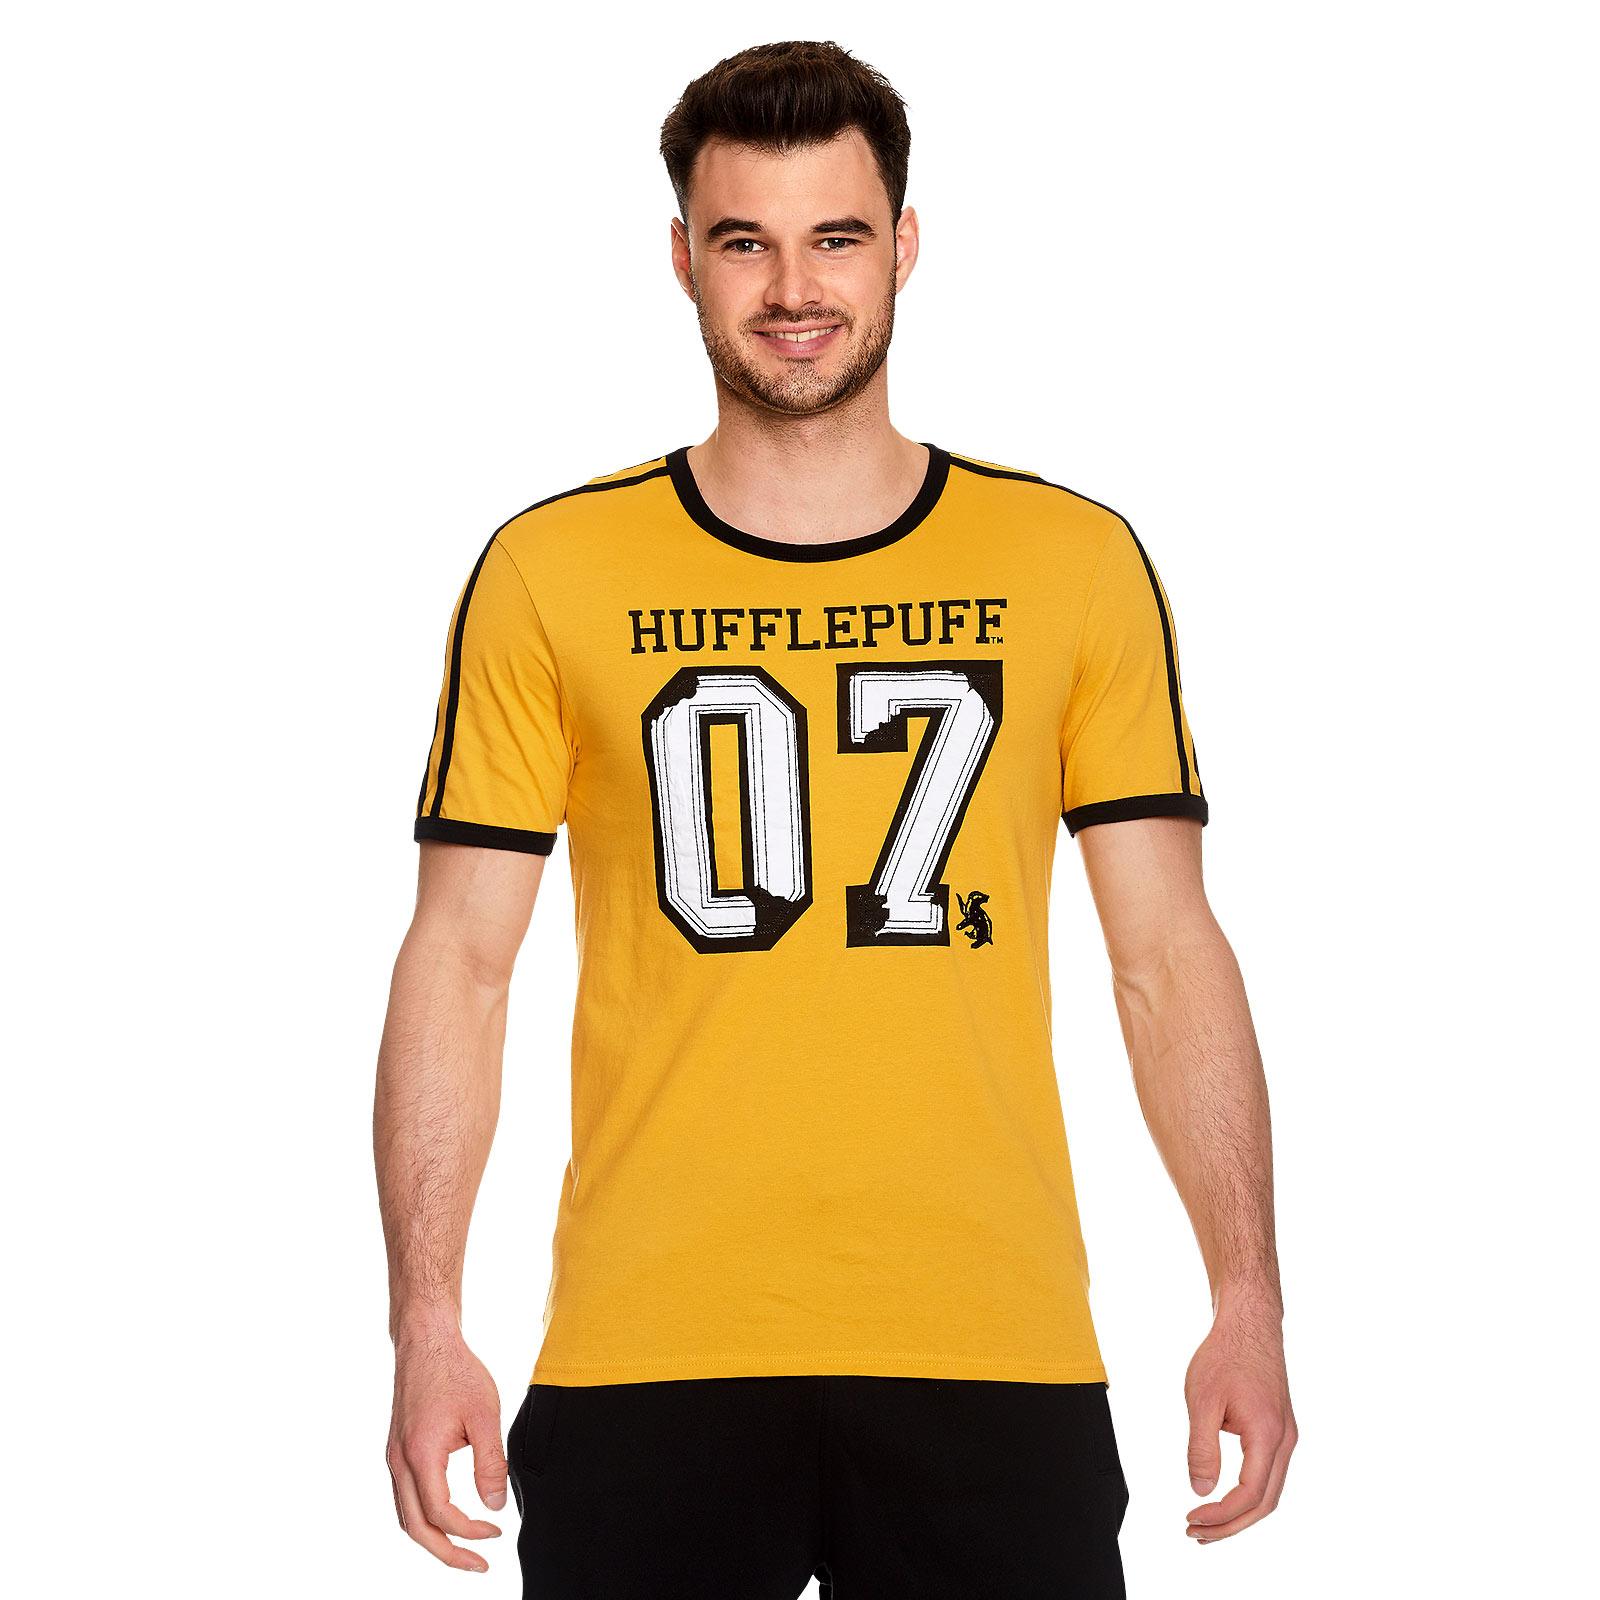 Hufflepuff Sucher Cedric Diggory T-Shirt gelb - Harry Potter